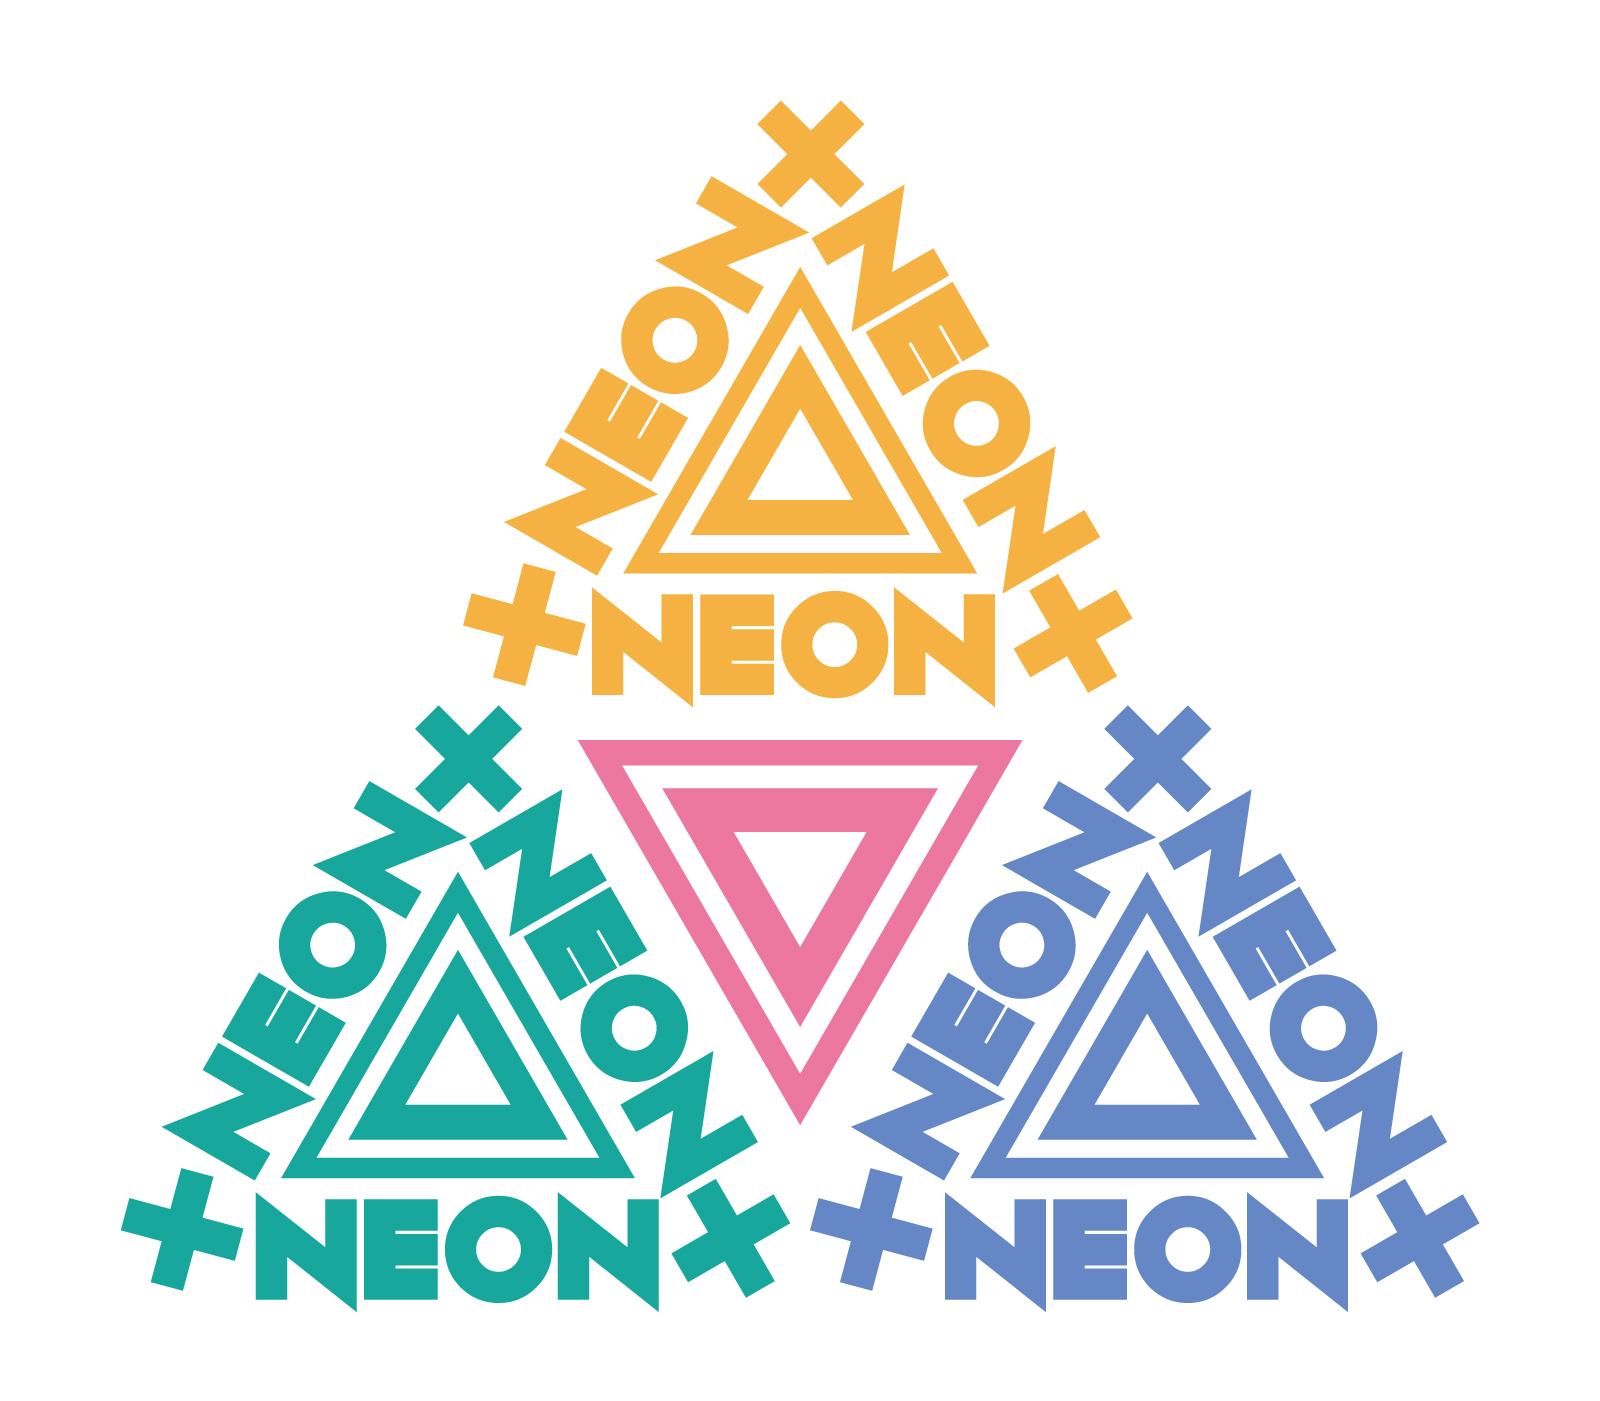 2018年6月25日(月) 「NEON×NEON×NEON」